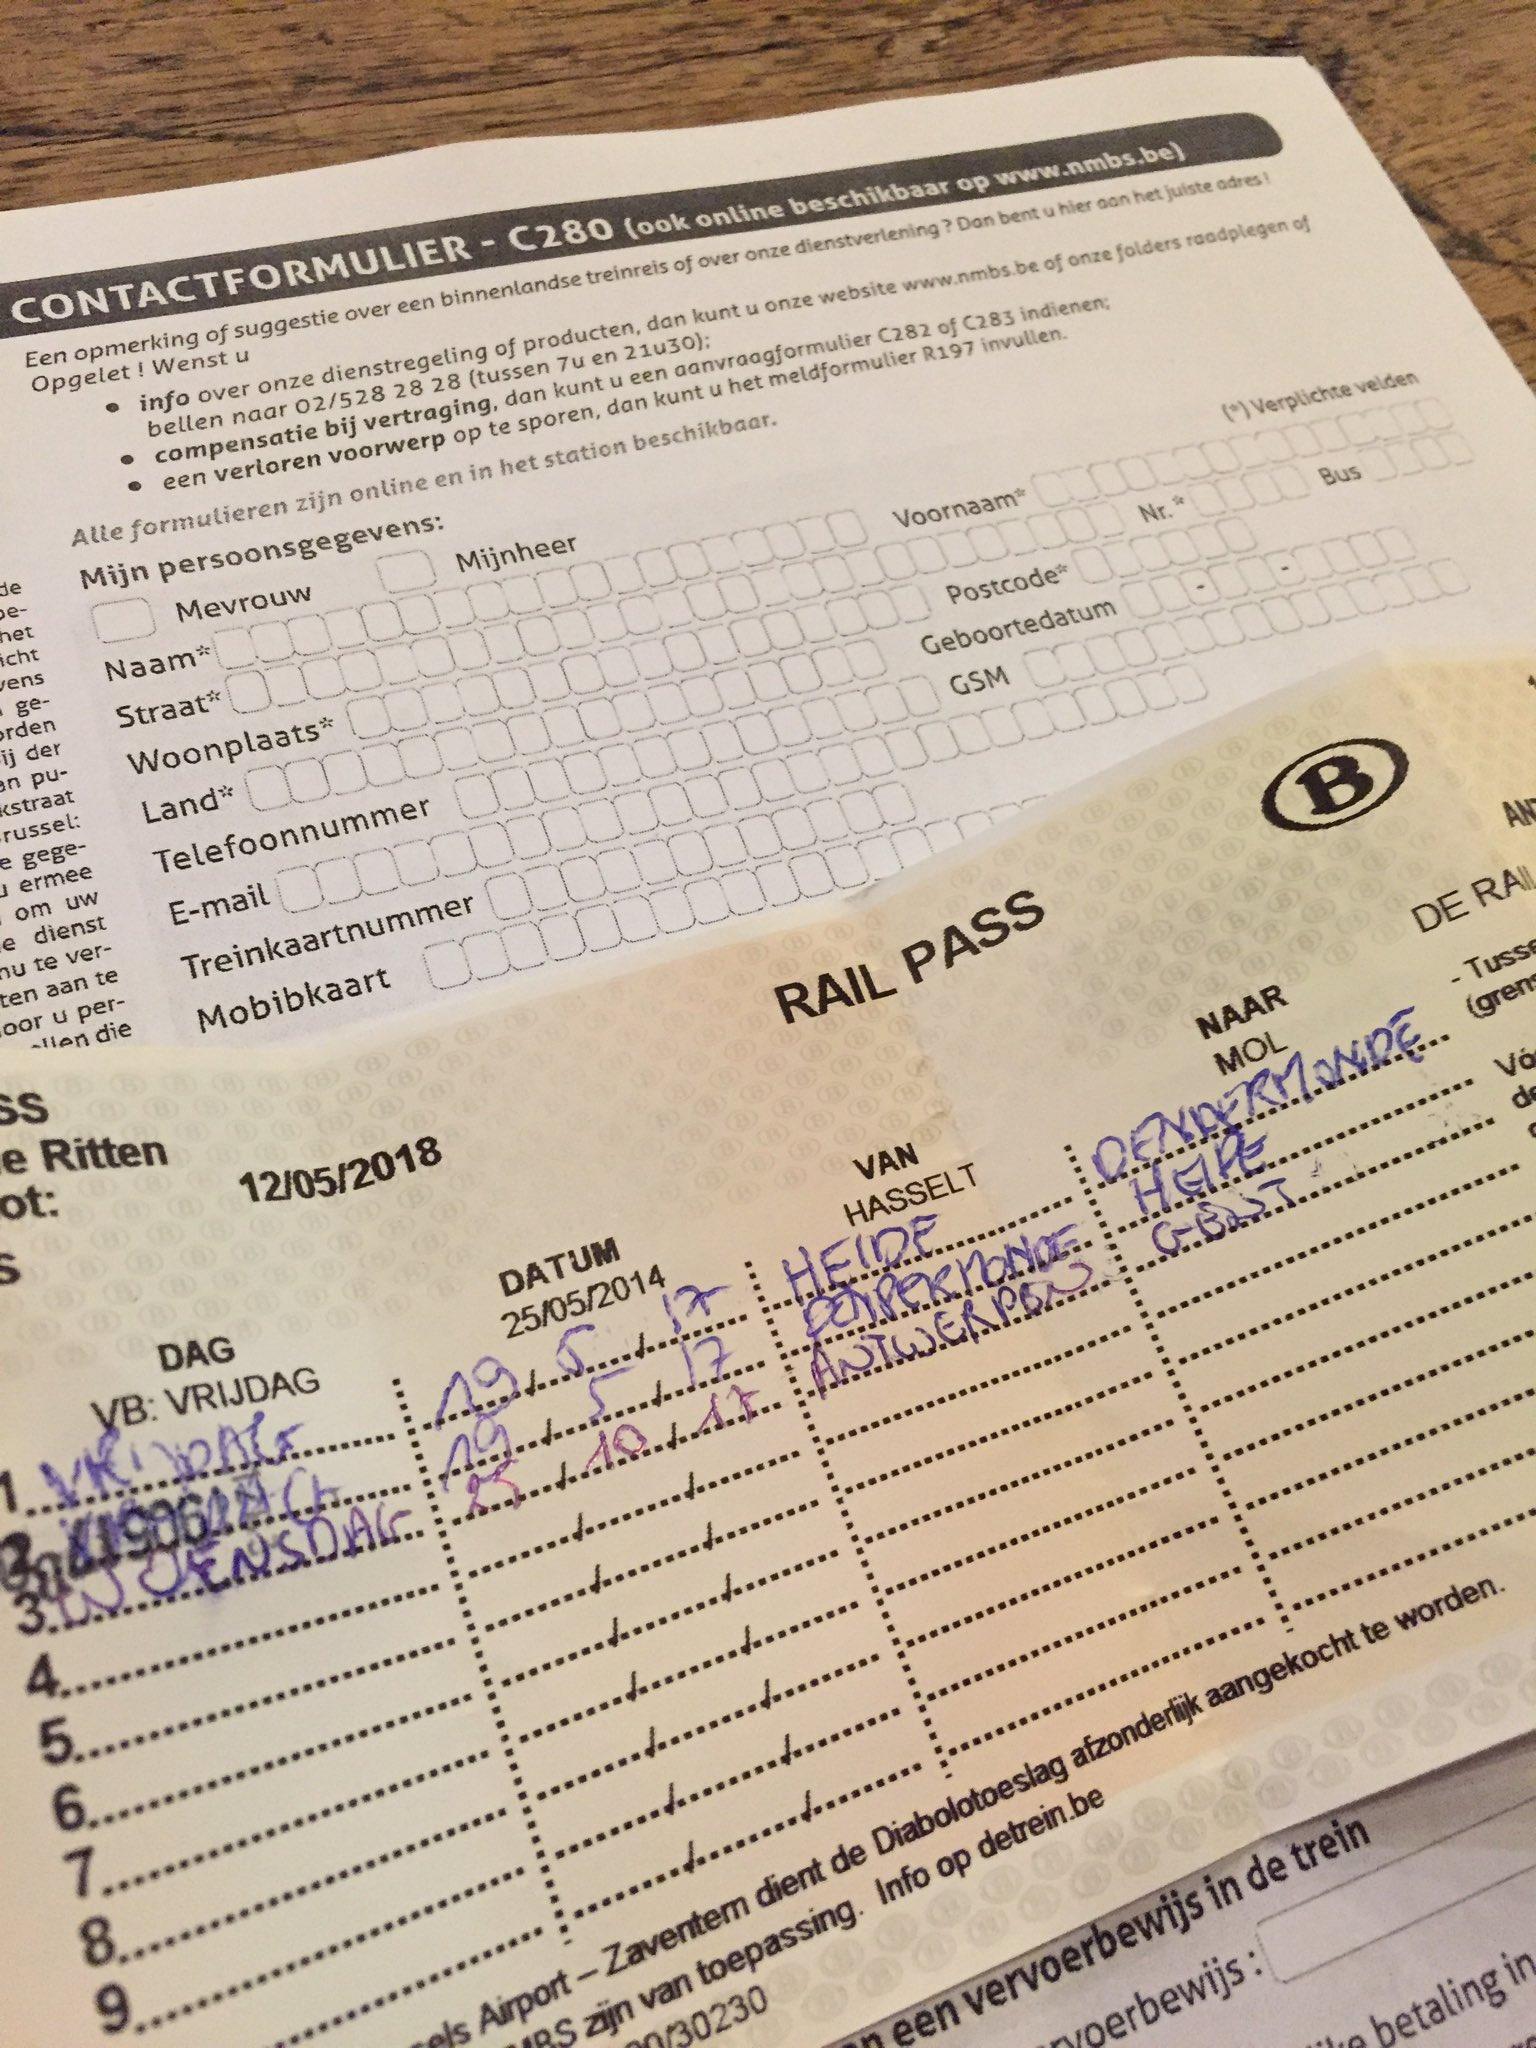 Railpass ingevuld maar trein rijdt niet. Ipv 7 euro terug te geven en lijn te doorstrepen moet ik de C280 invullen?? https://t.co/4PhpXcgmiD